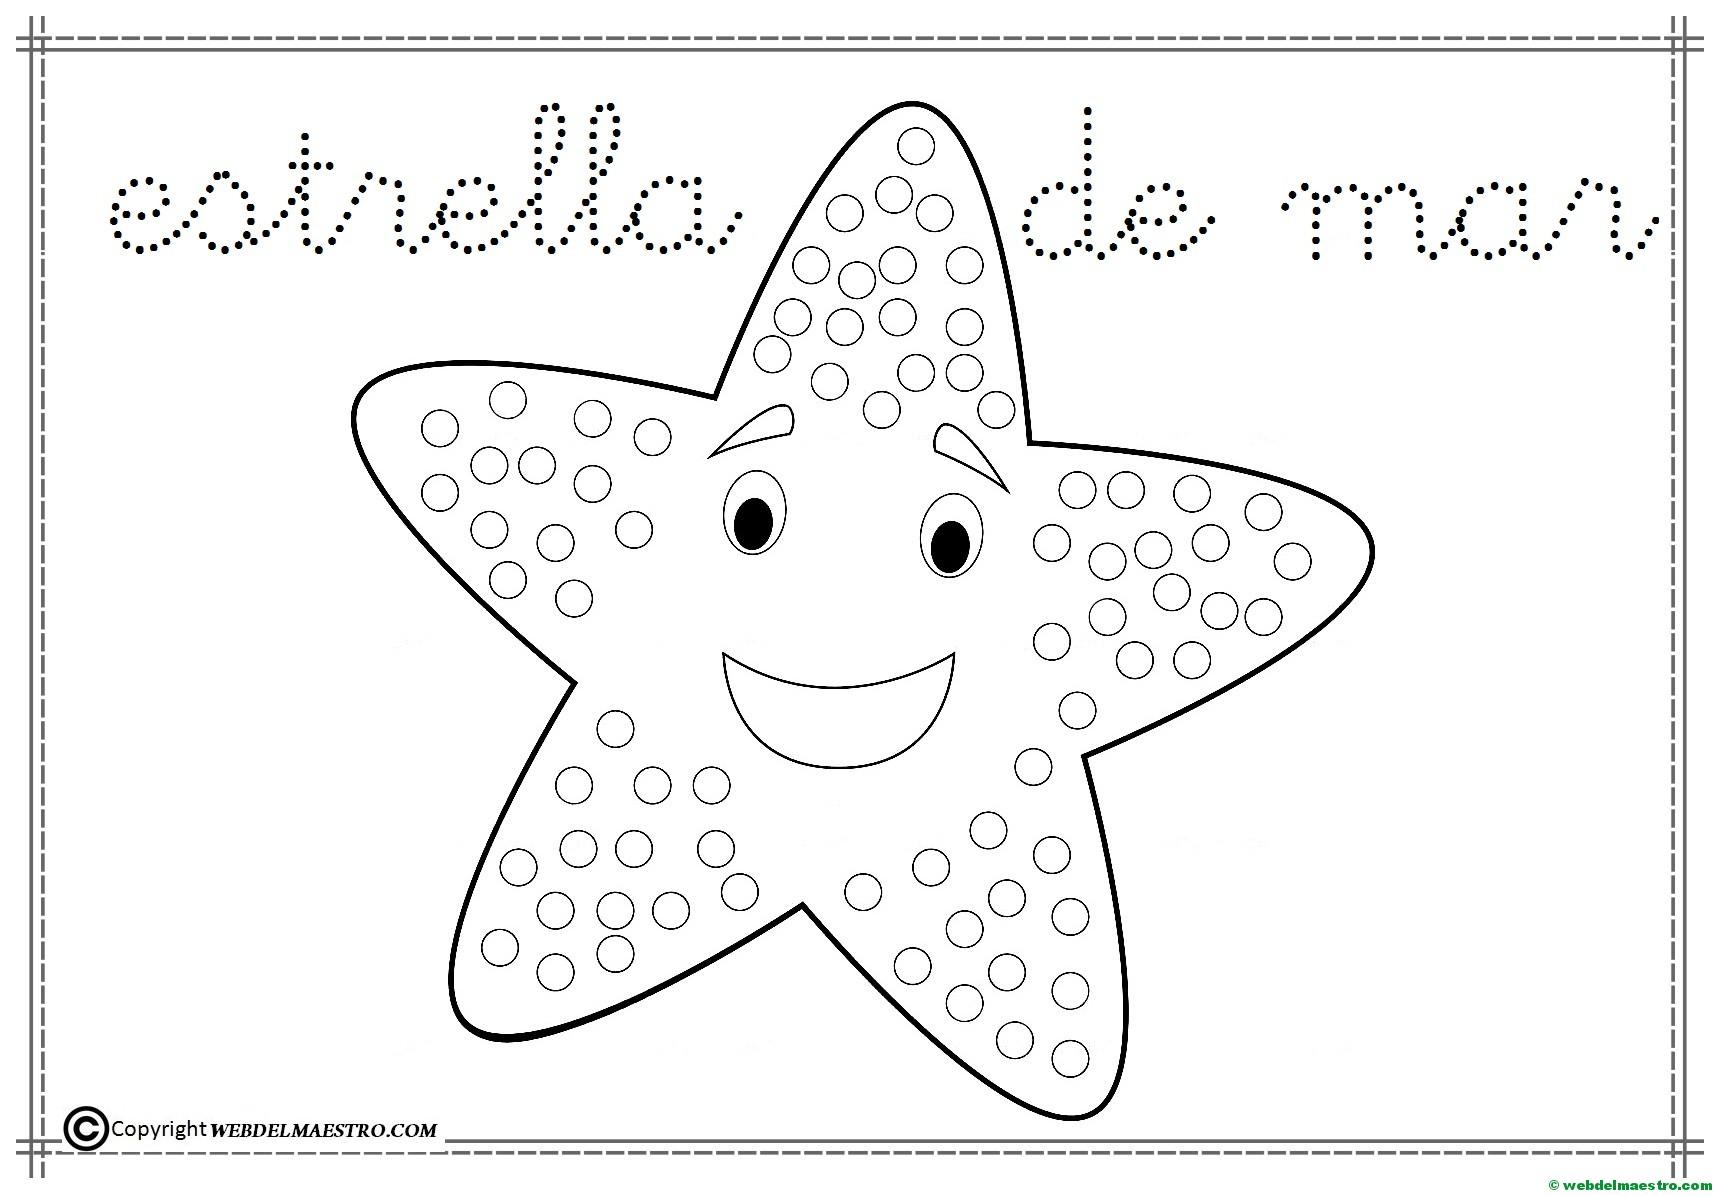 Dibujos para colorear fáciles | dibujos infantiles - Web del maestro